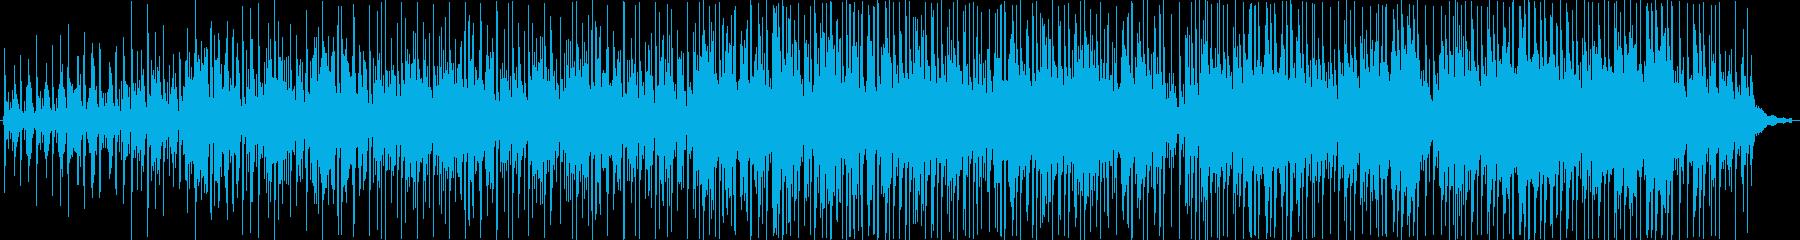 アンプラグド アコースティックギタ...の再生済みの波形